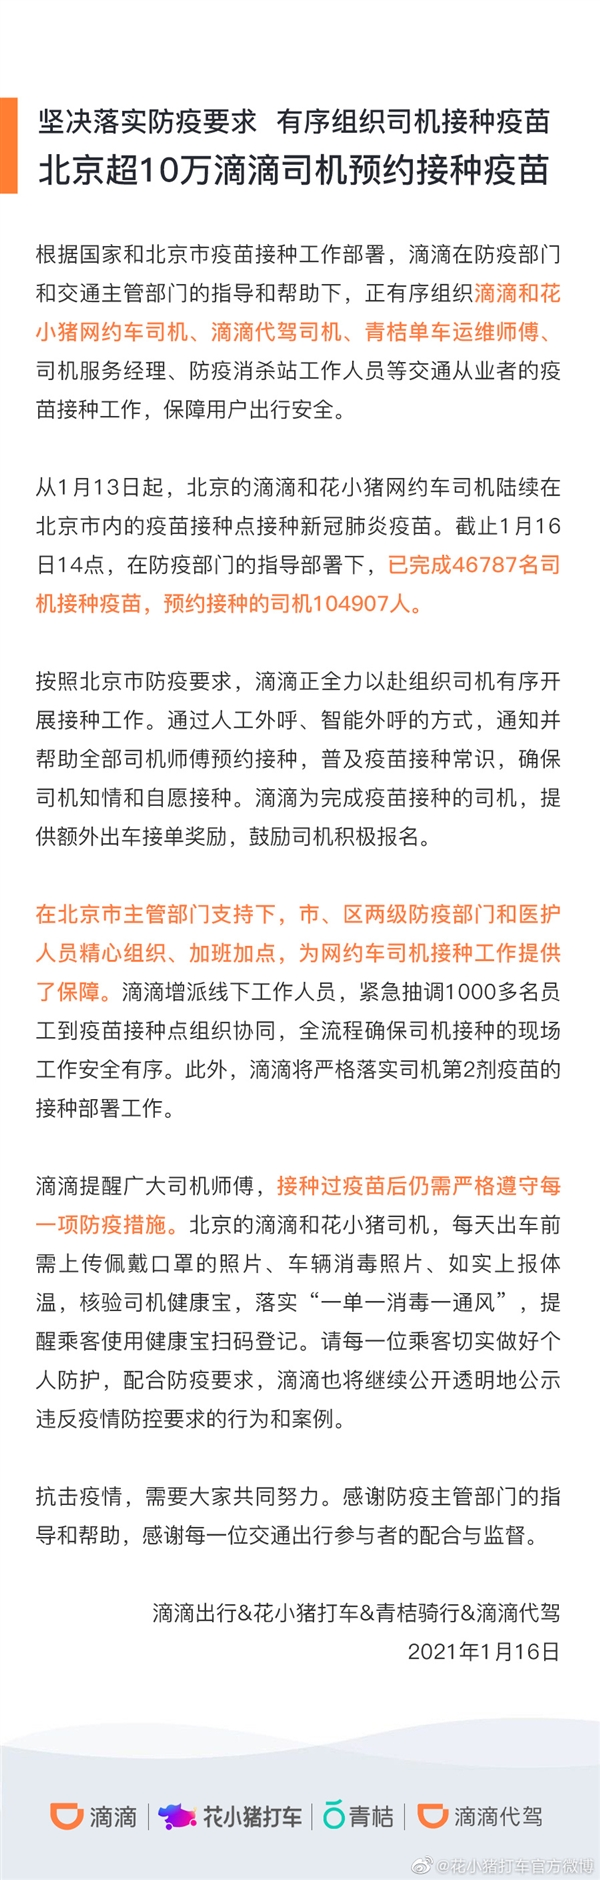 滴滴发公告:北京超10万滴滴司机预约接种疫苗